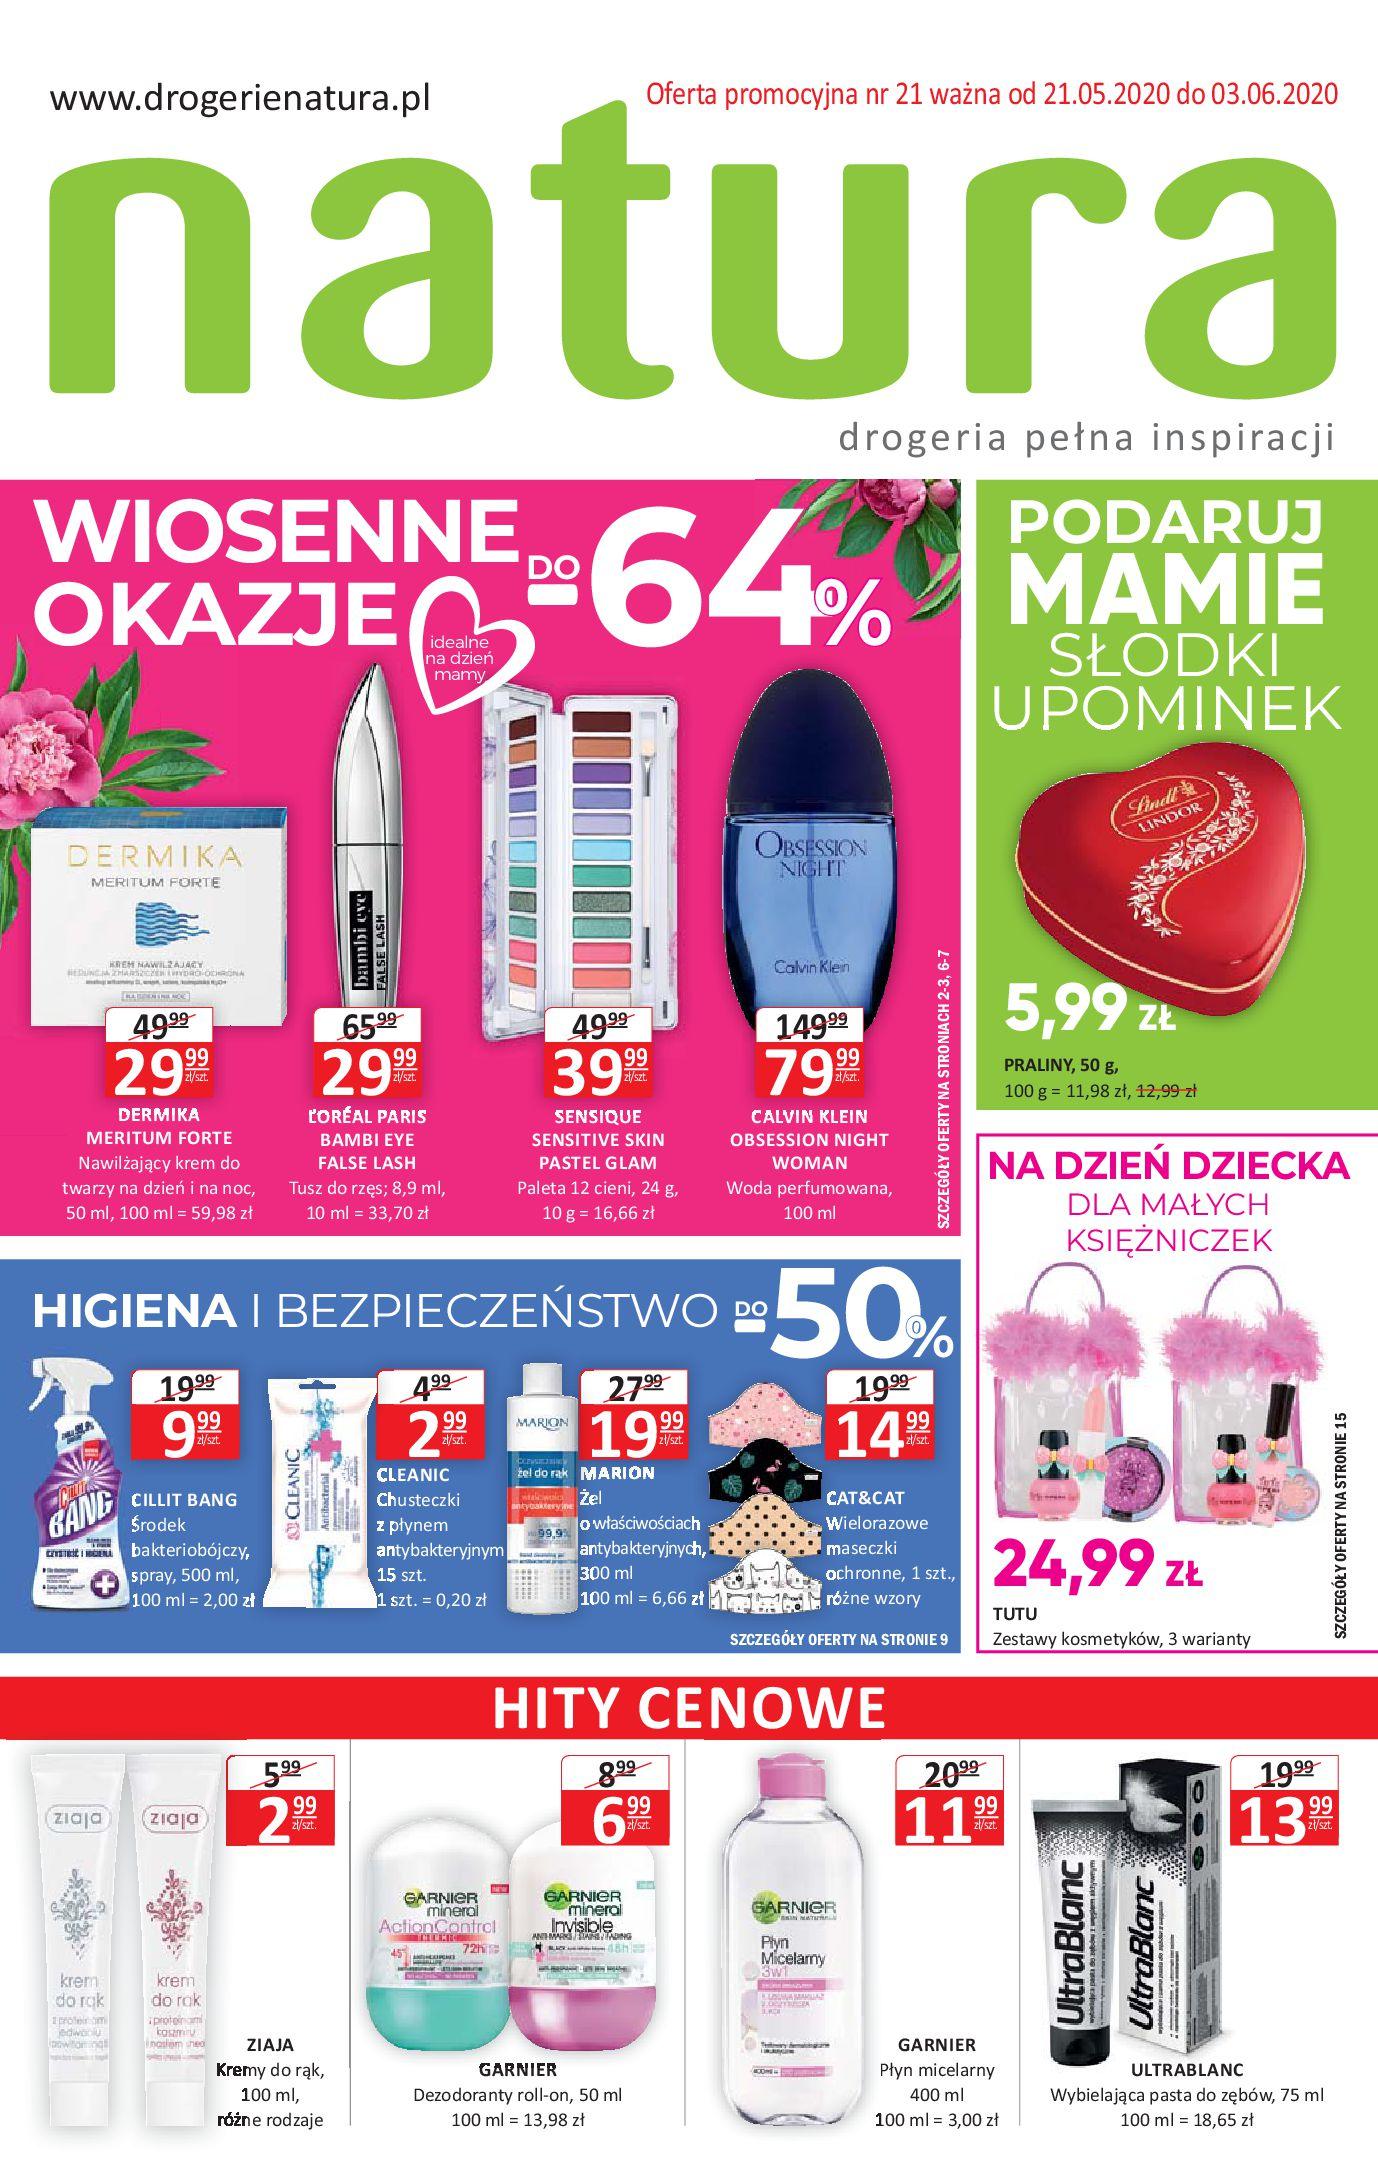 Gazetka Drogerie Natura - Gazetka promocyjna-20.05.2020-03.06.2020-page-1